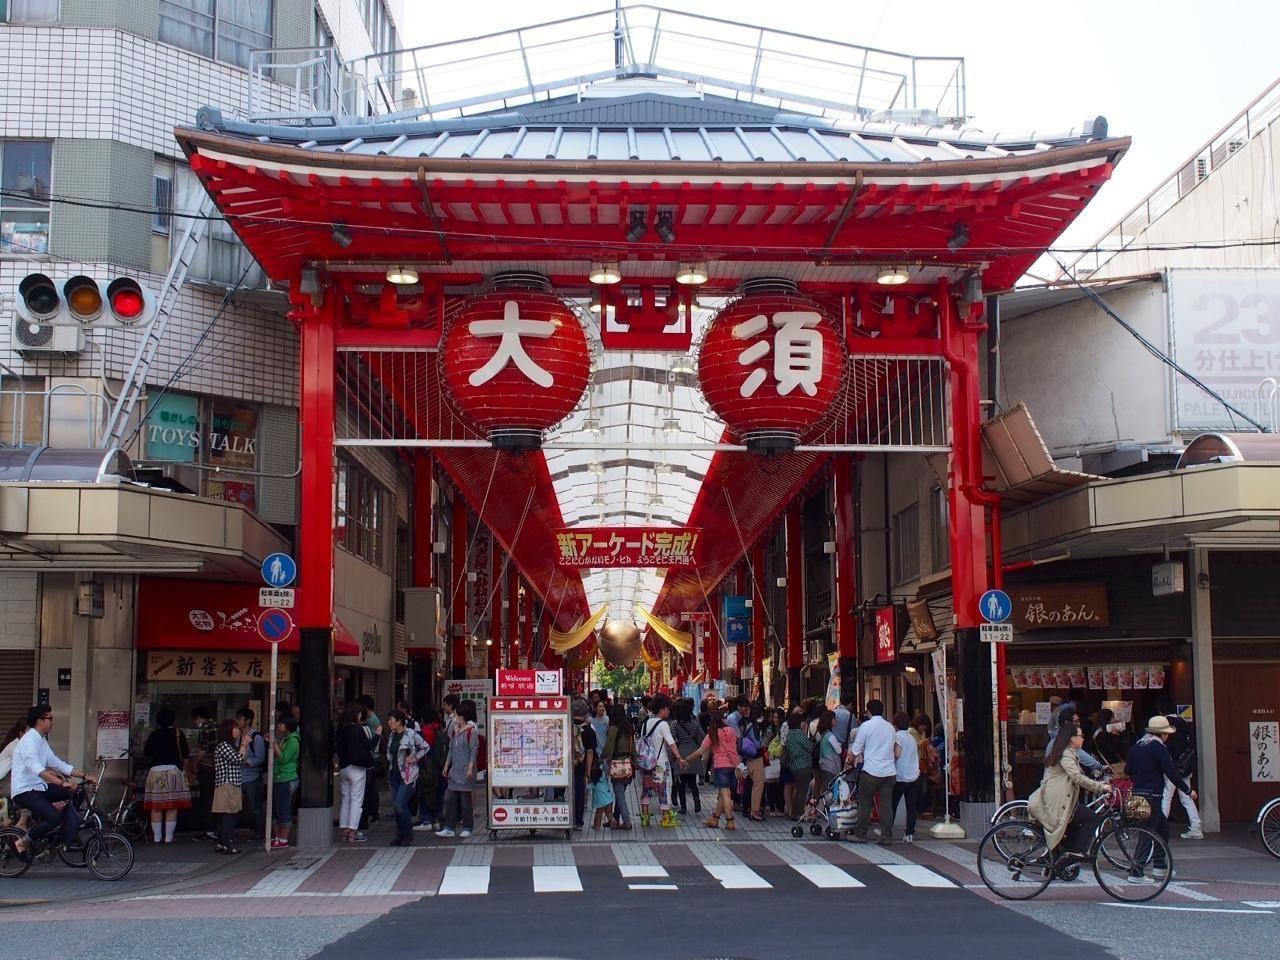 間違いない!名古屋人気NO.1スポット「大須商店街」で食い倒れ!